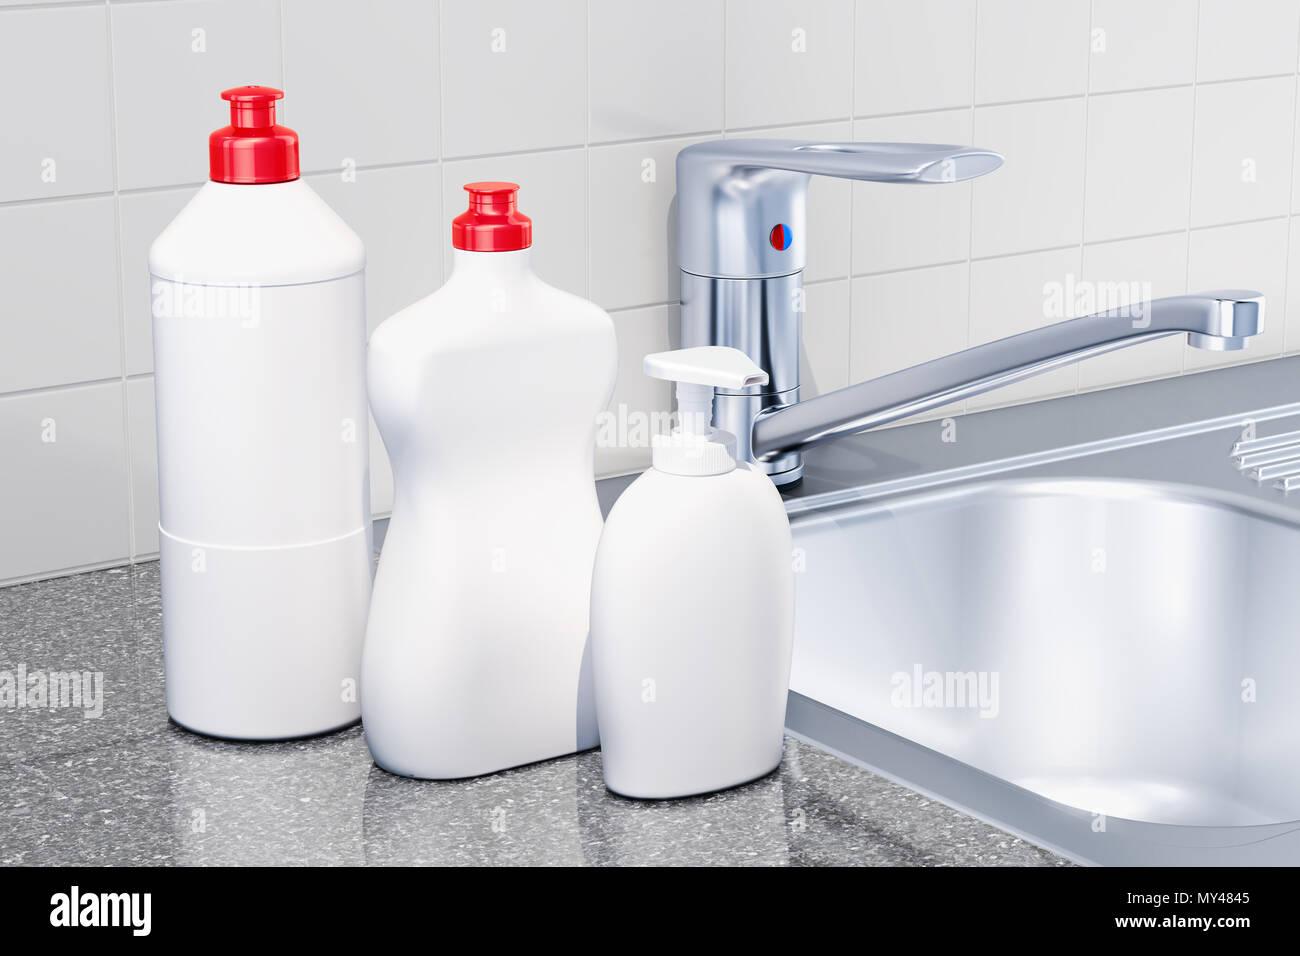 Detergenti, prodotti per la pulizia in cucina interno ...